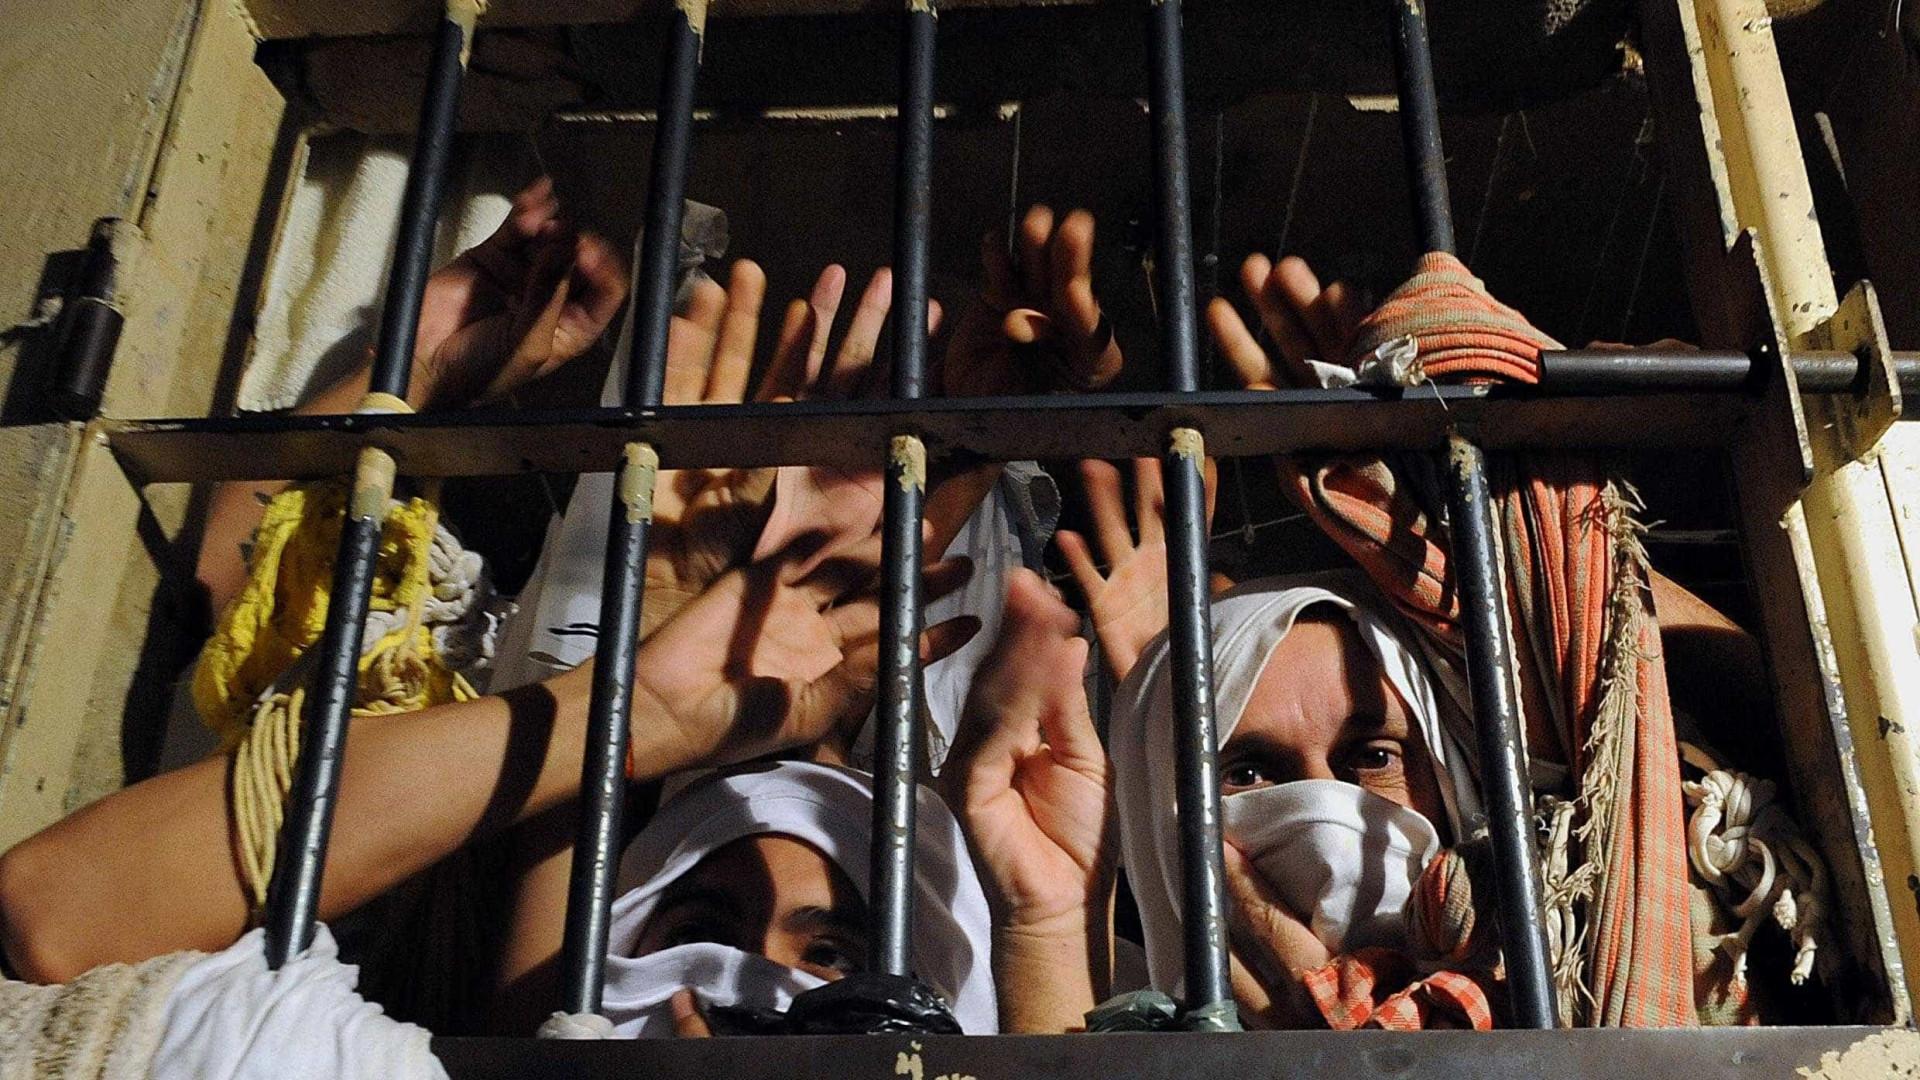 Direitos humanos recomenda proibir novos presos em presídio de Bangu